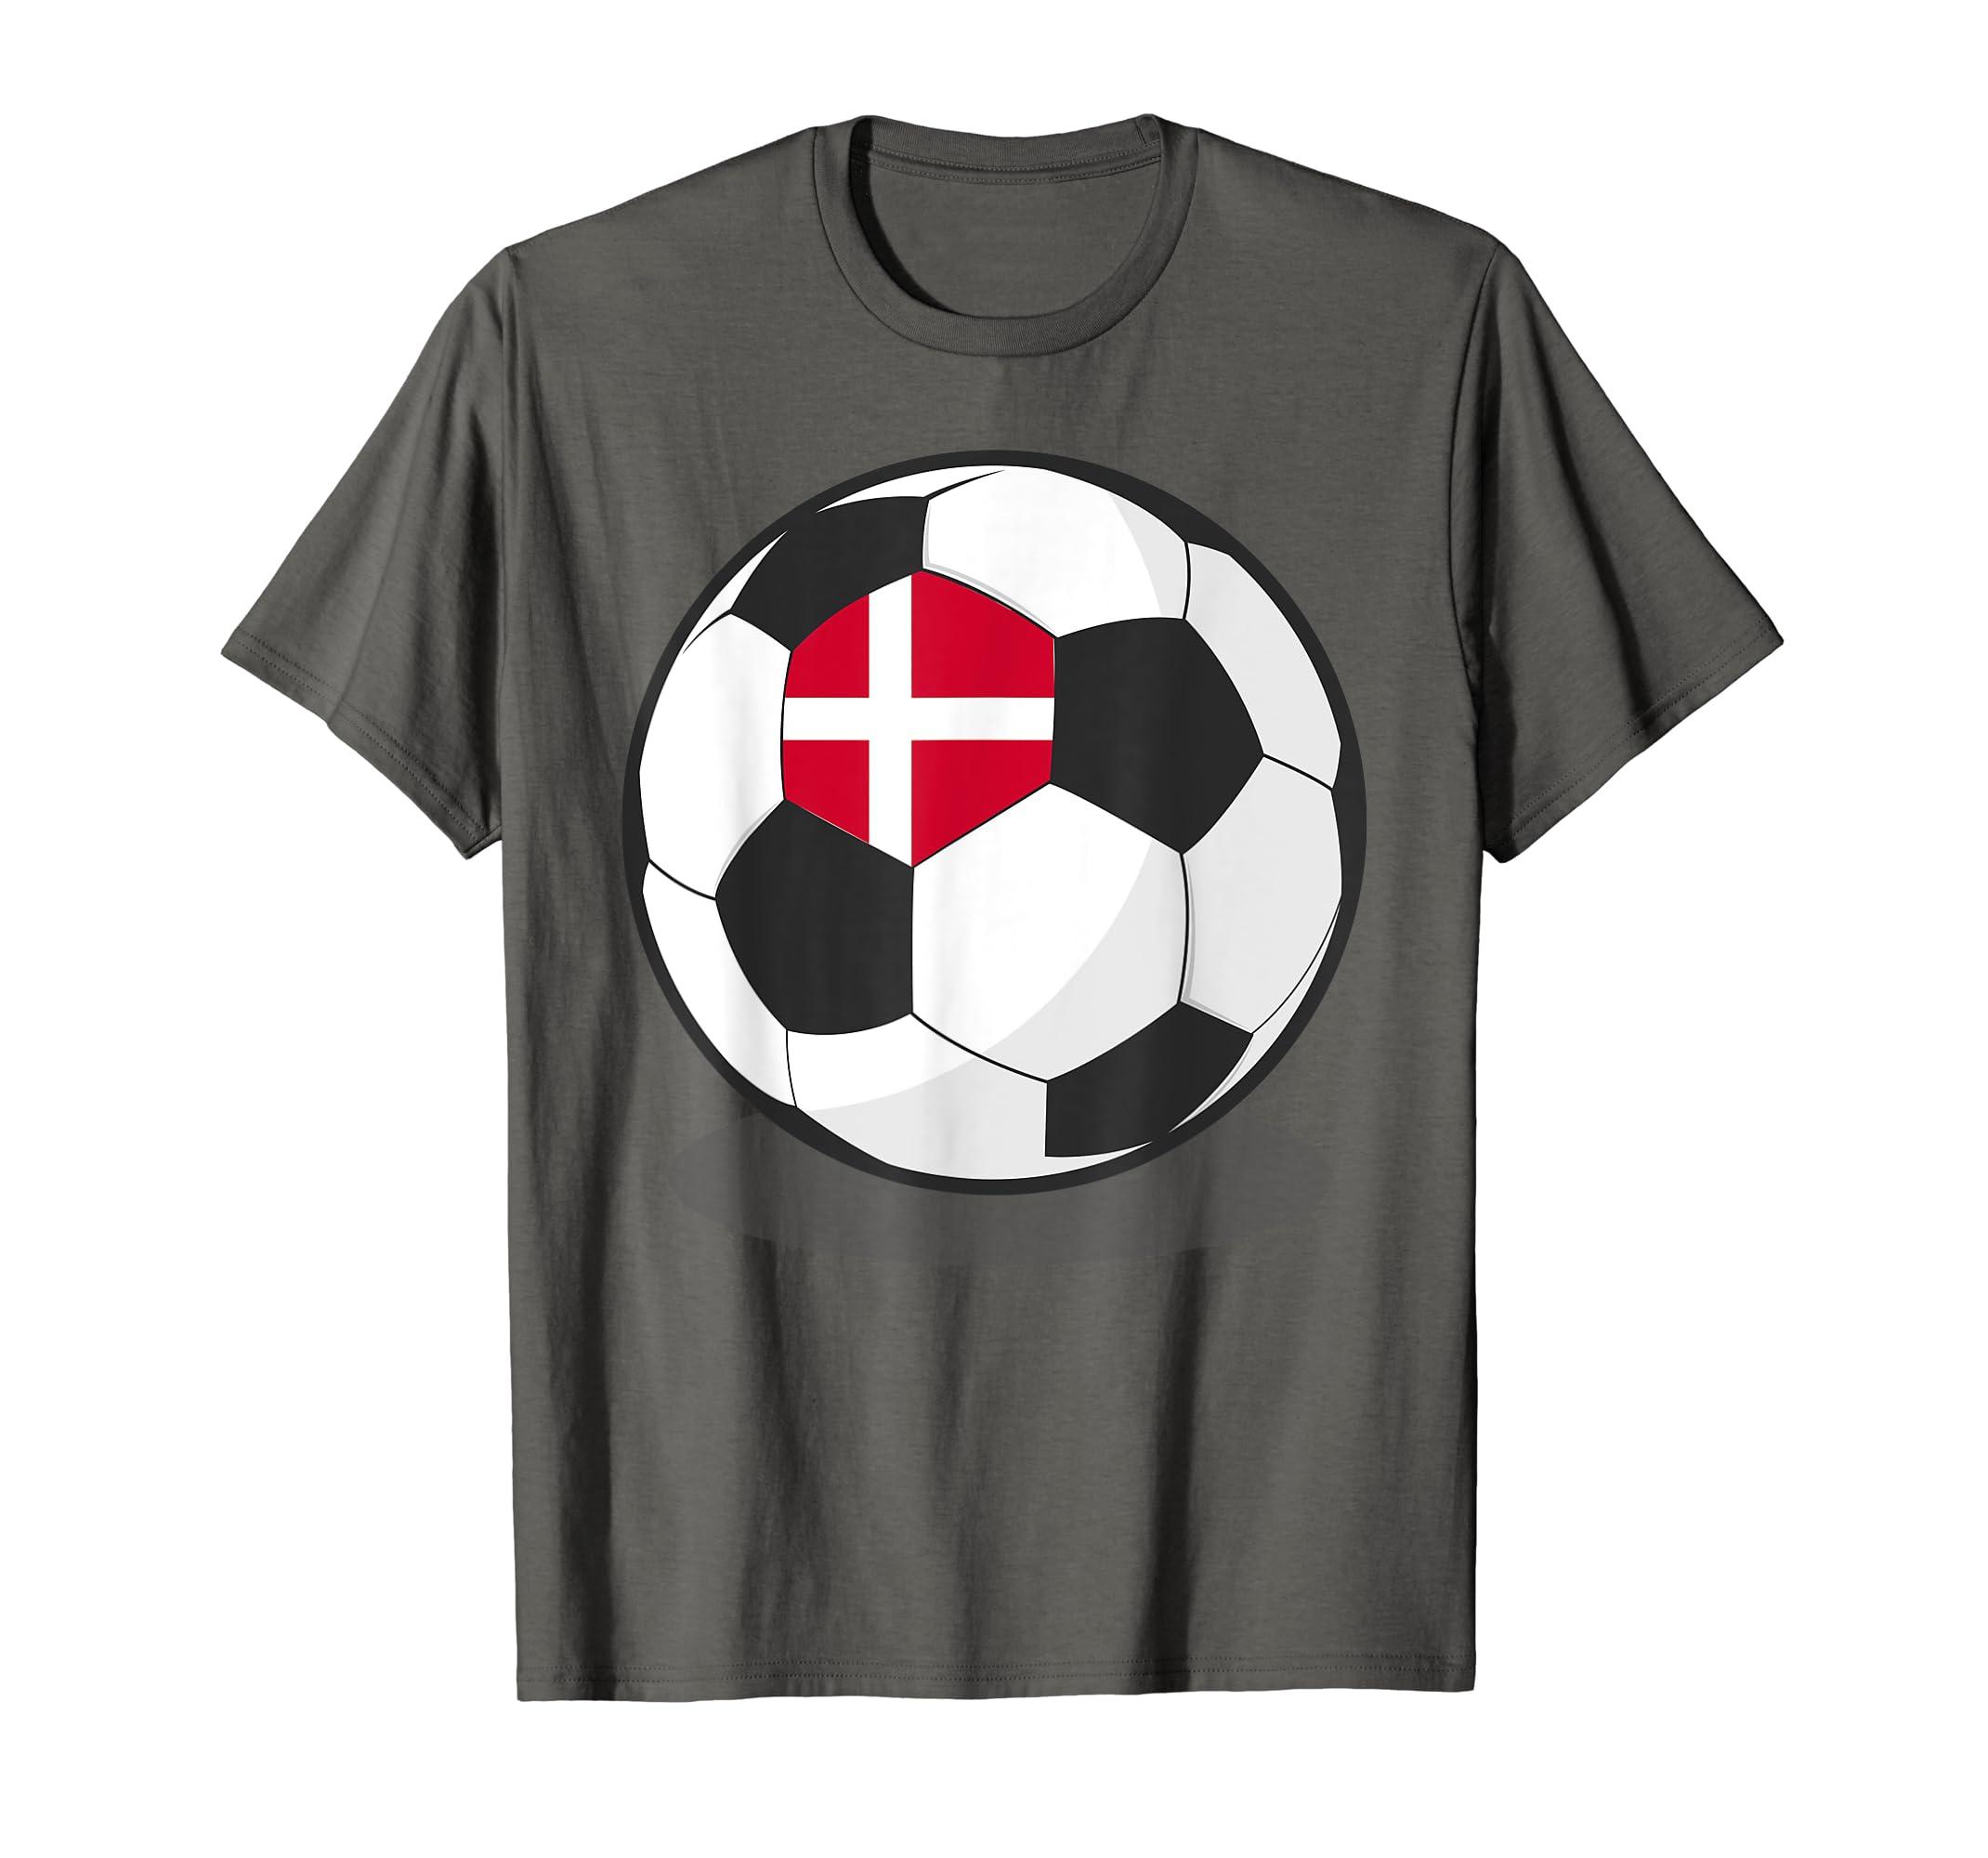 d9680eab3 Amazon.com  Danish Flag On Soccer Ball